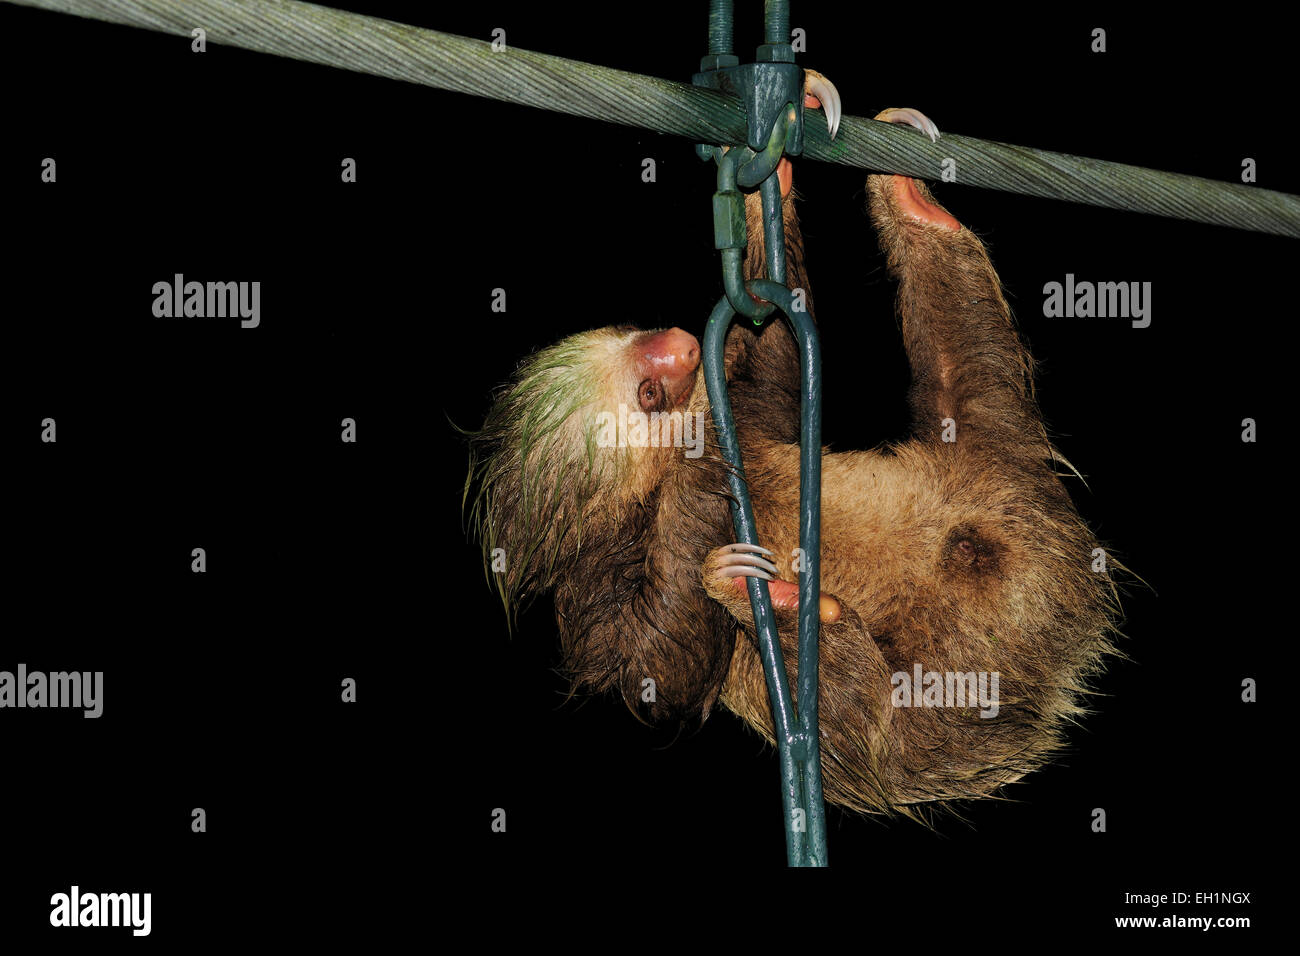 Three-Toed bradipo (Bradypus variegatus) utilizzando un ponte al lordo di un fiume, la Selva La Stazione Biologica, Immagini Stock